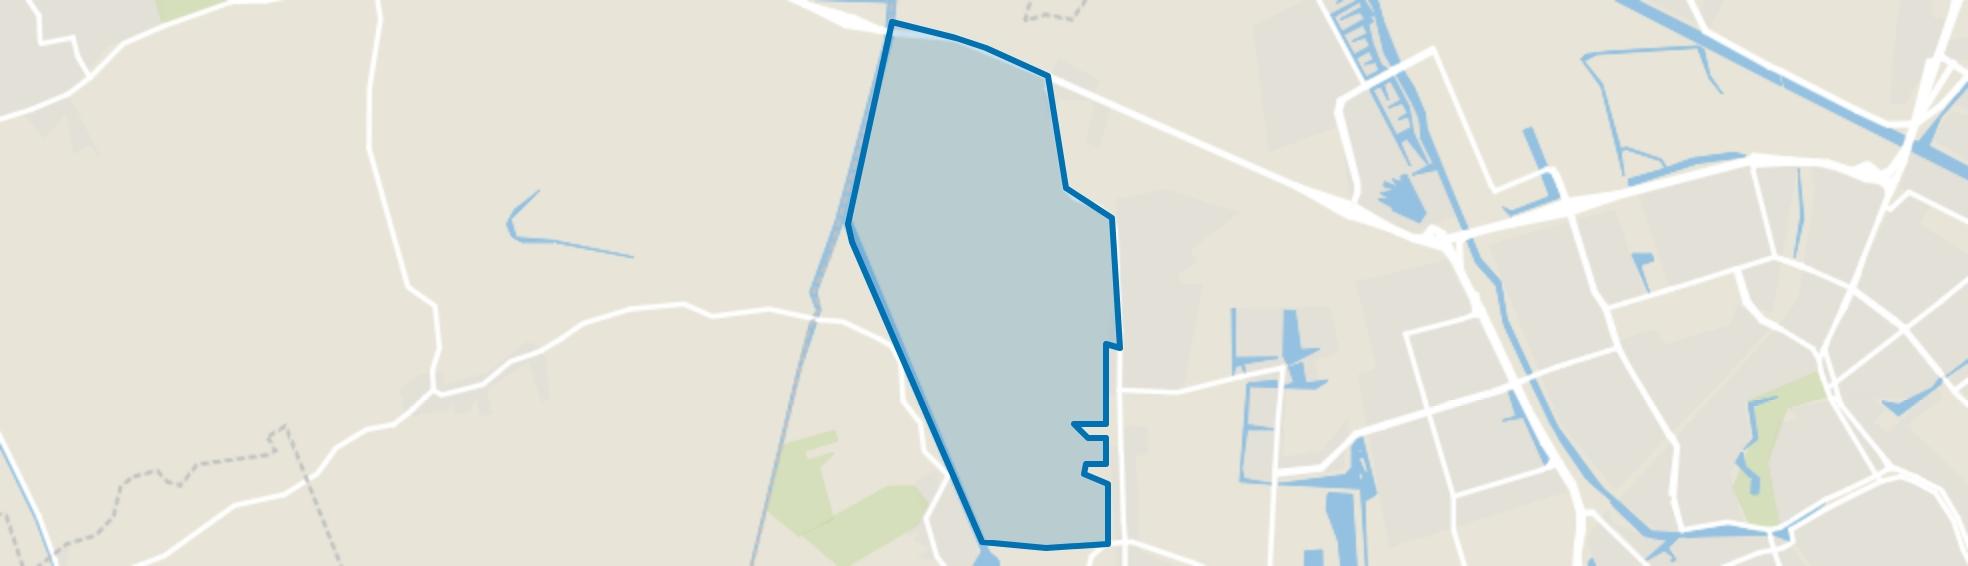 Leegkerk, Groningen map